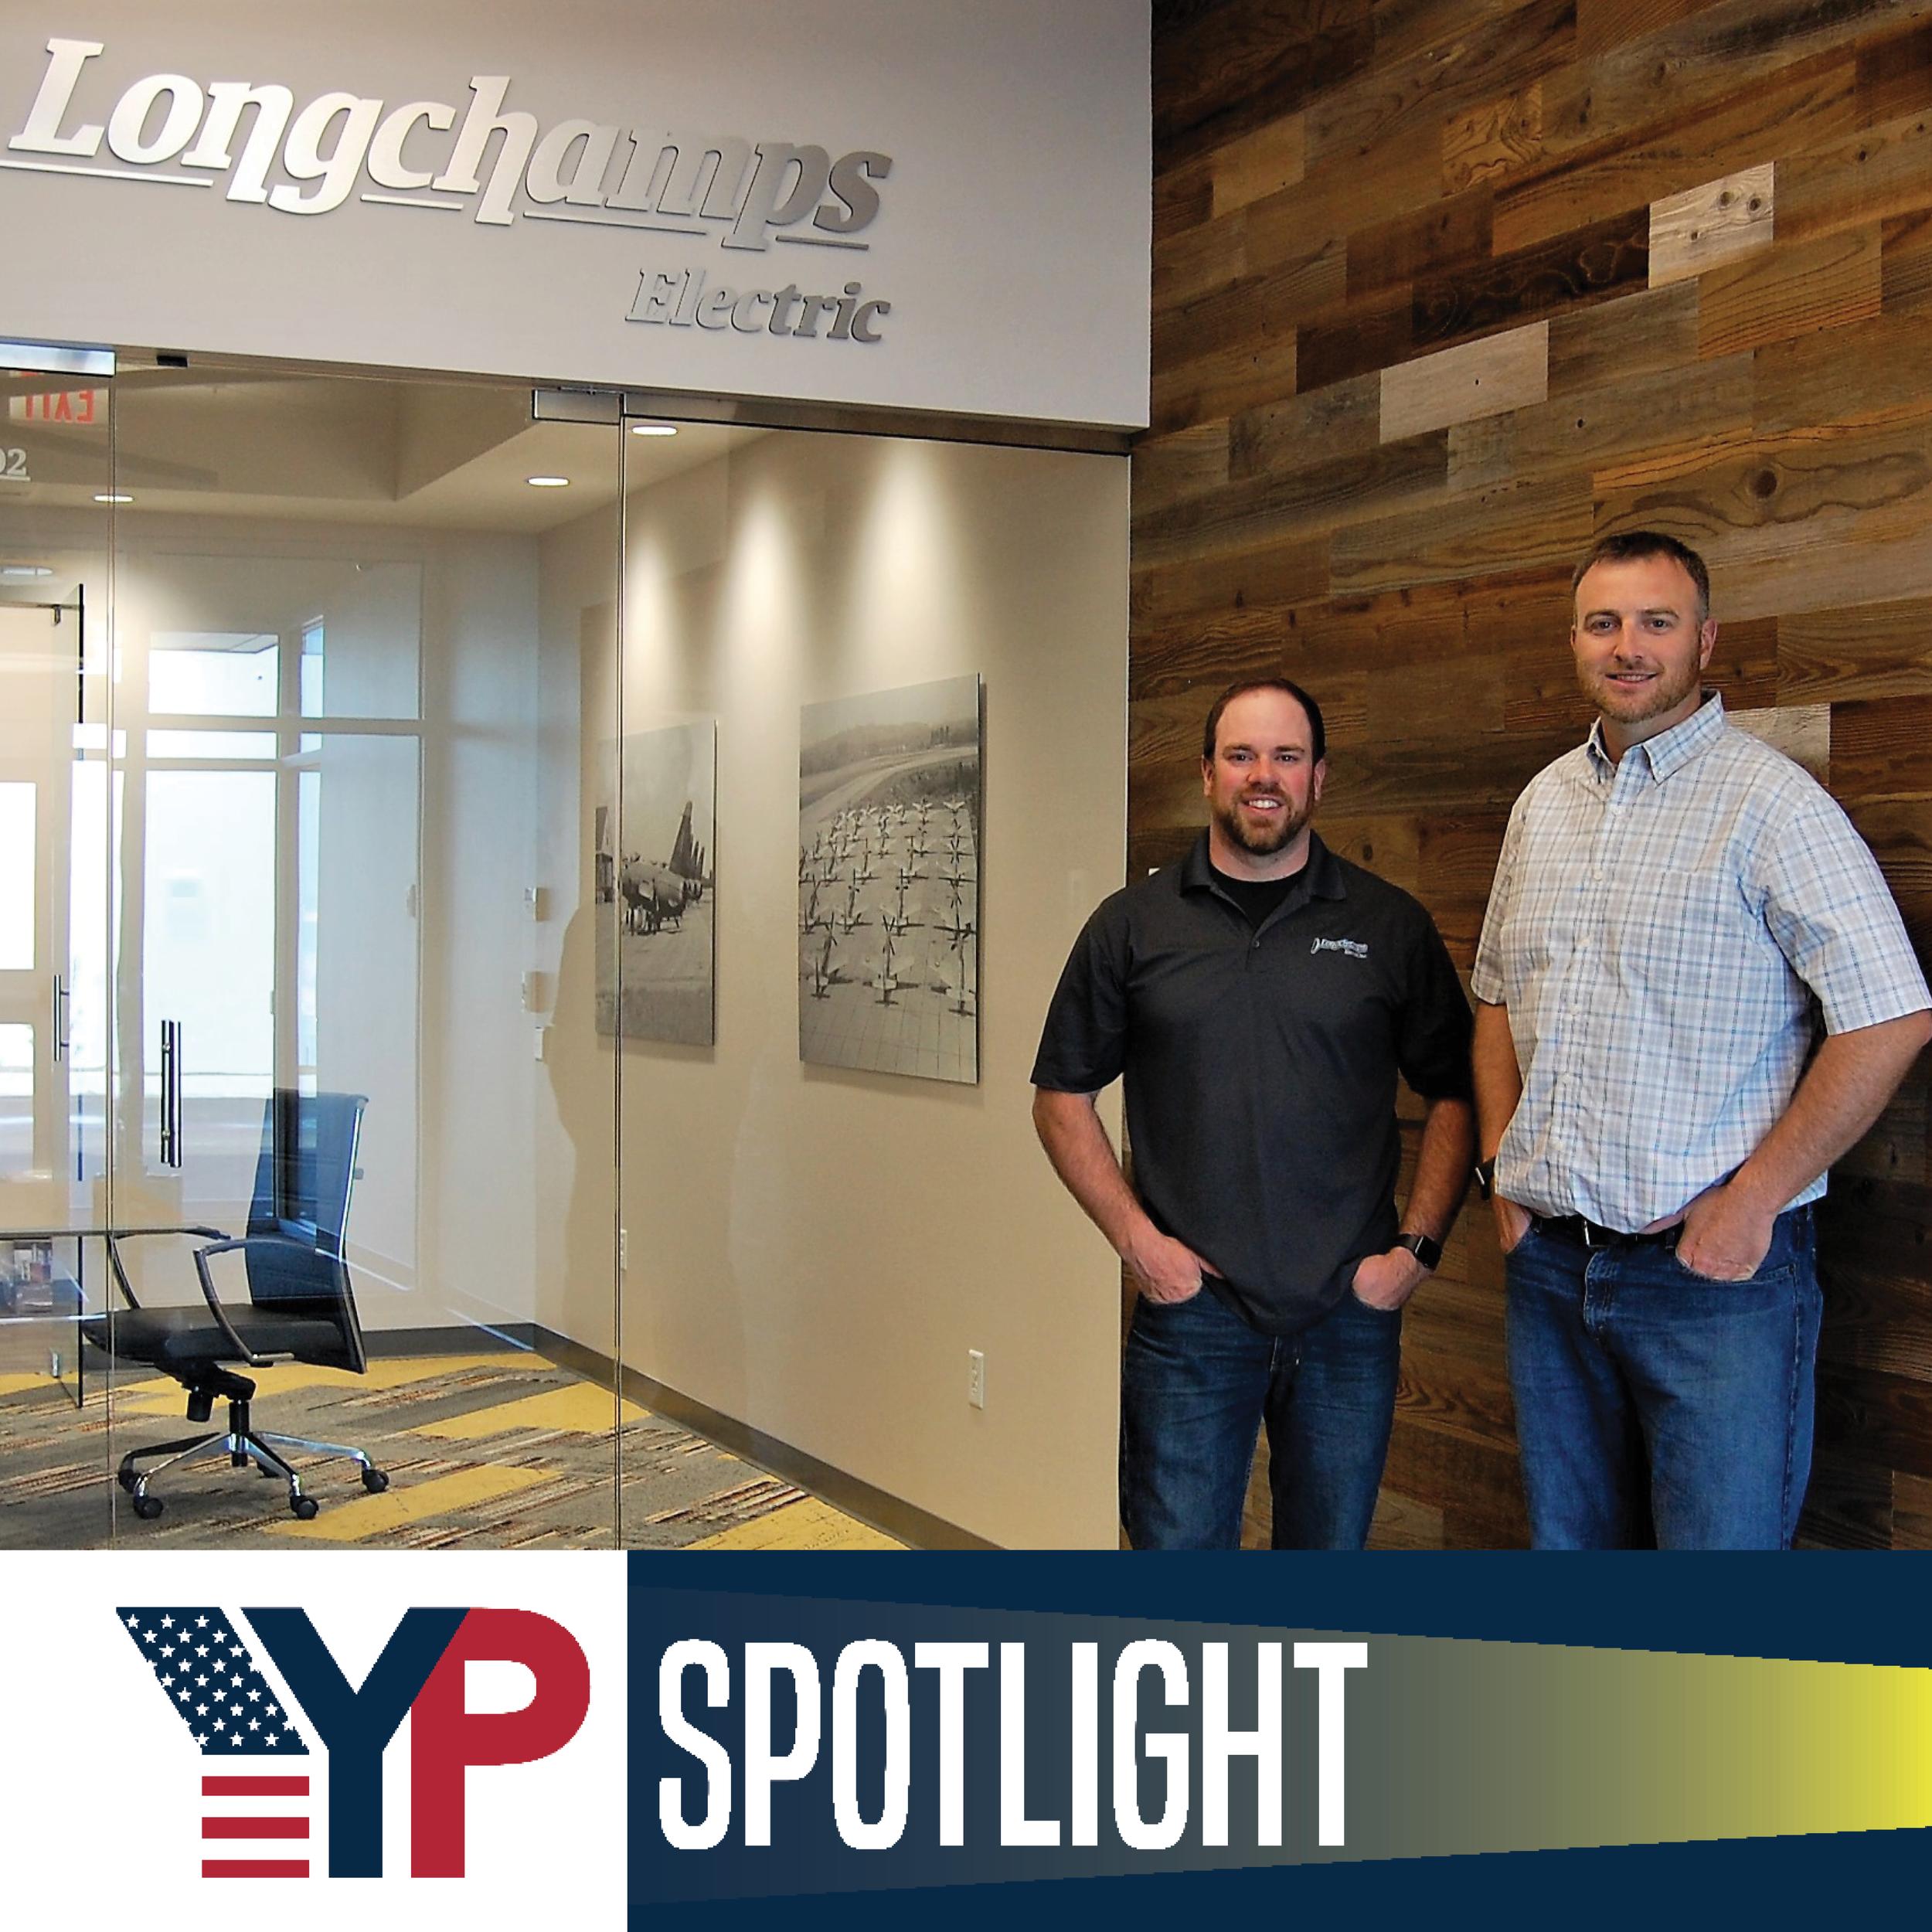 YP Spotlight - 2019-05 Chris Fredette and Steve Mullins - FACEBOOK.png